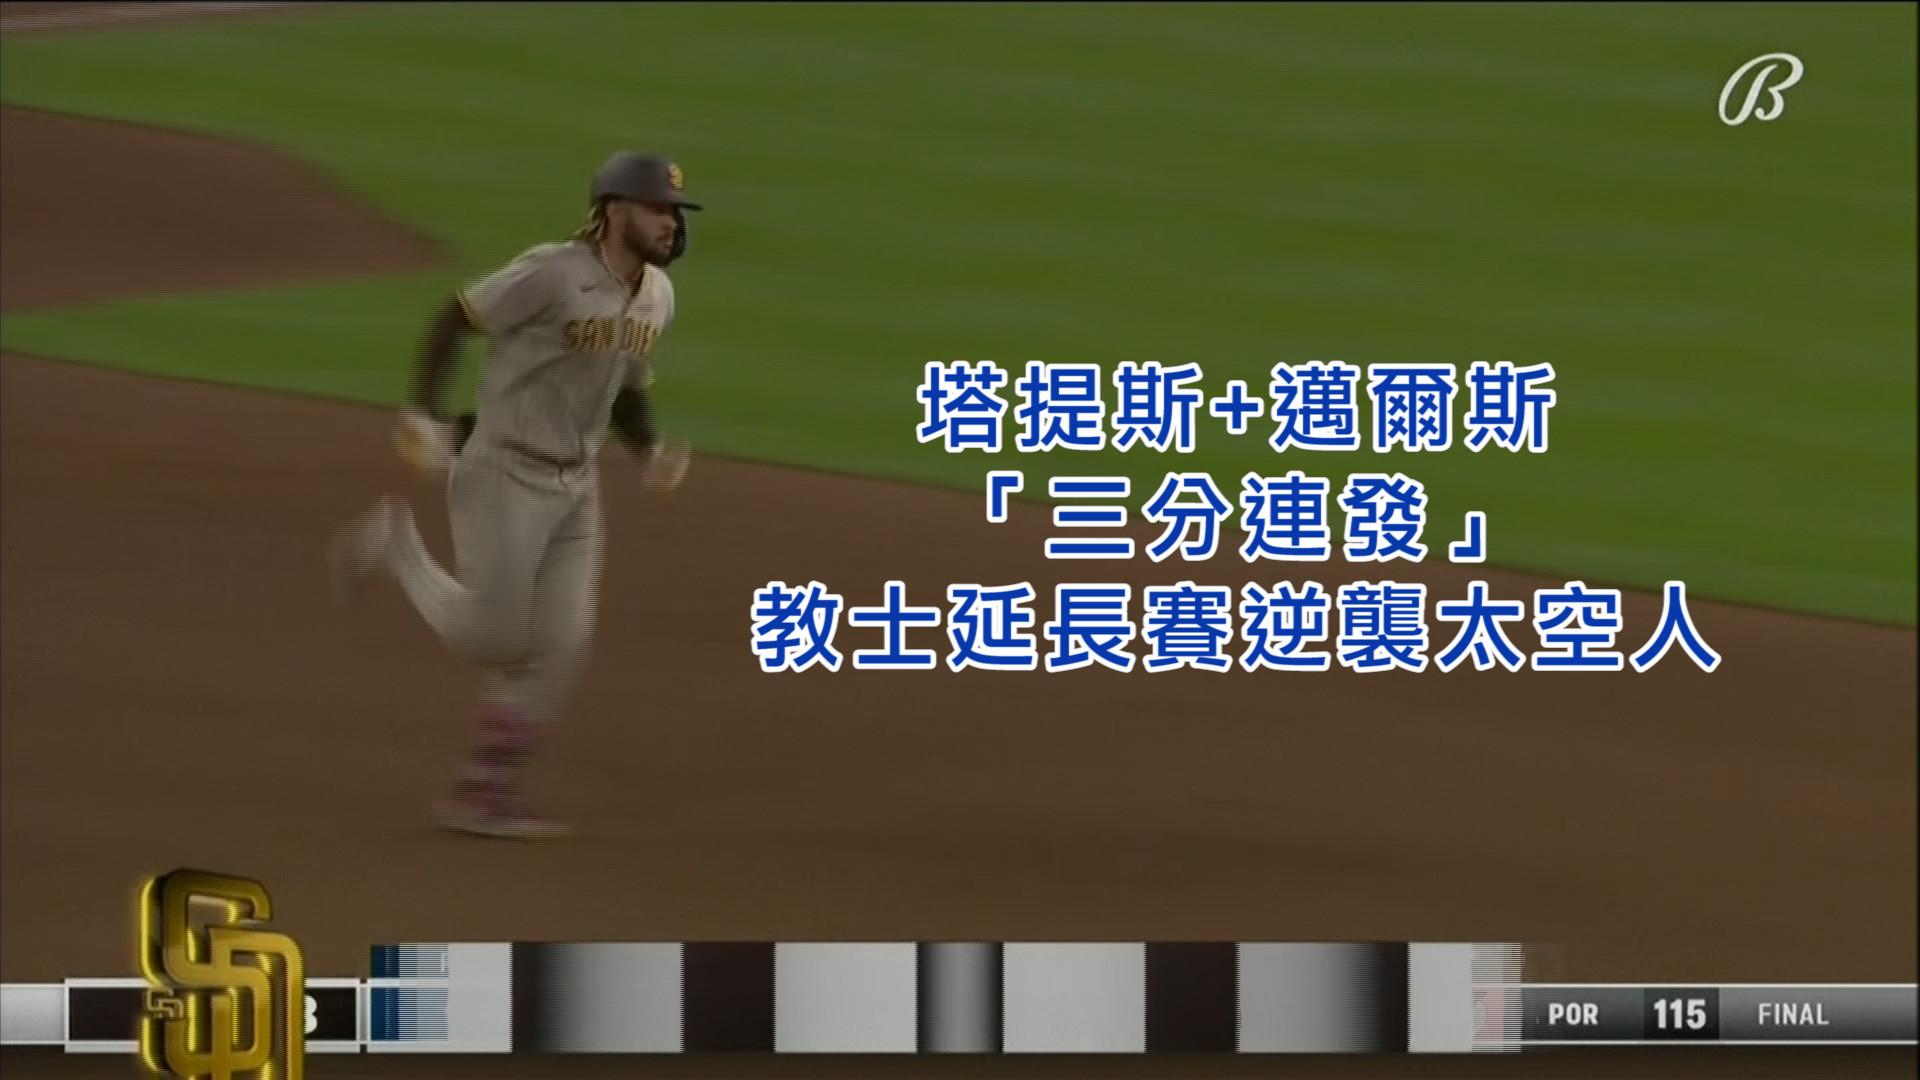 【MLB看愛爾達】教士「三分」連發 超狂煙火逆襲太空人 05/30